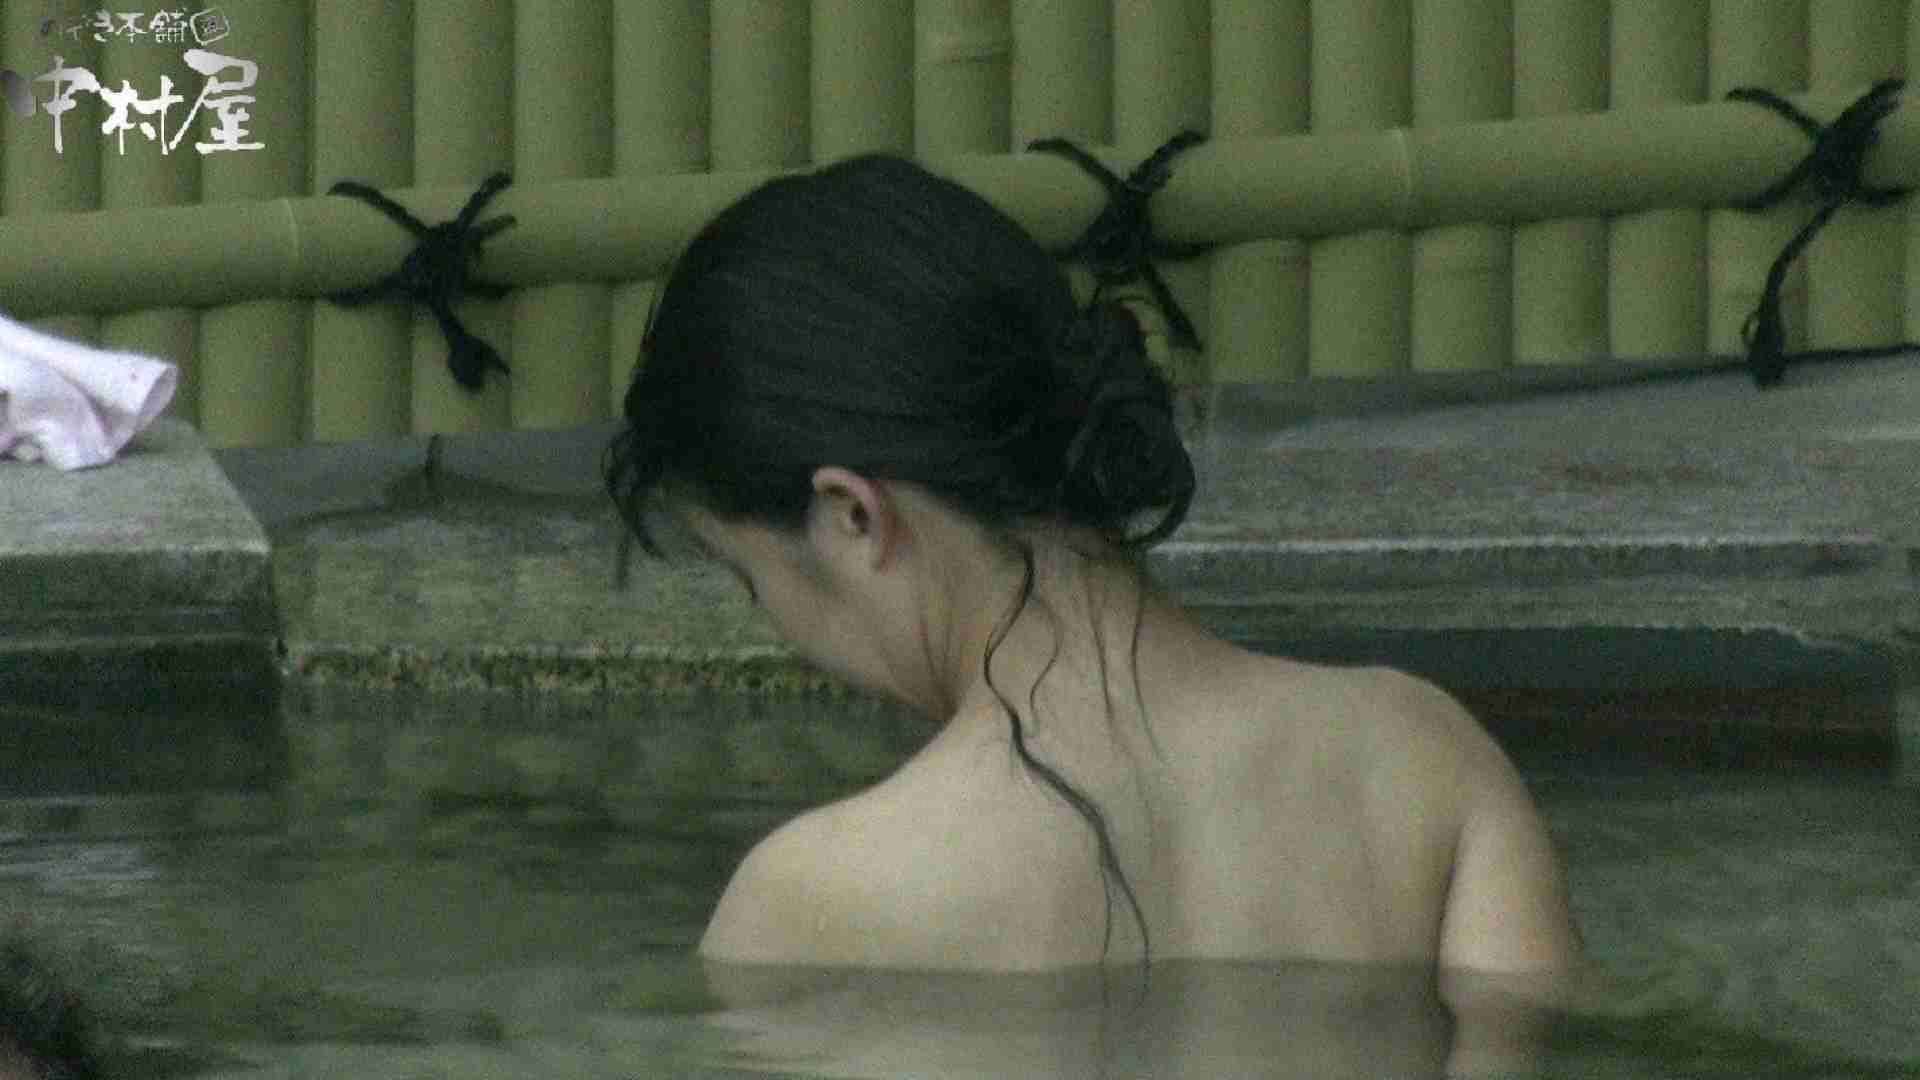 Aquaな露天風呂Vol.904 OLのエロ生活 | 盗撮  56連発 4